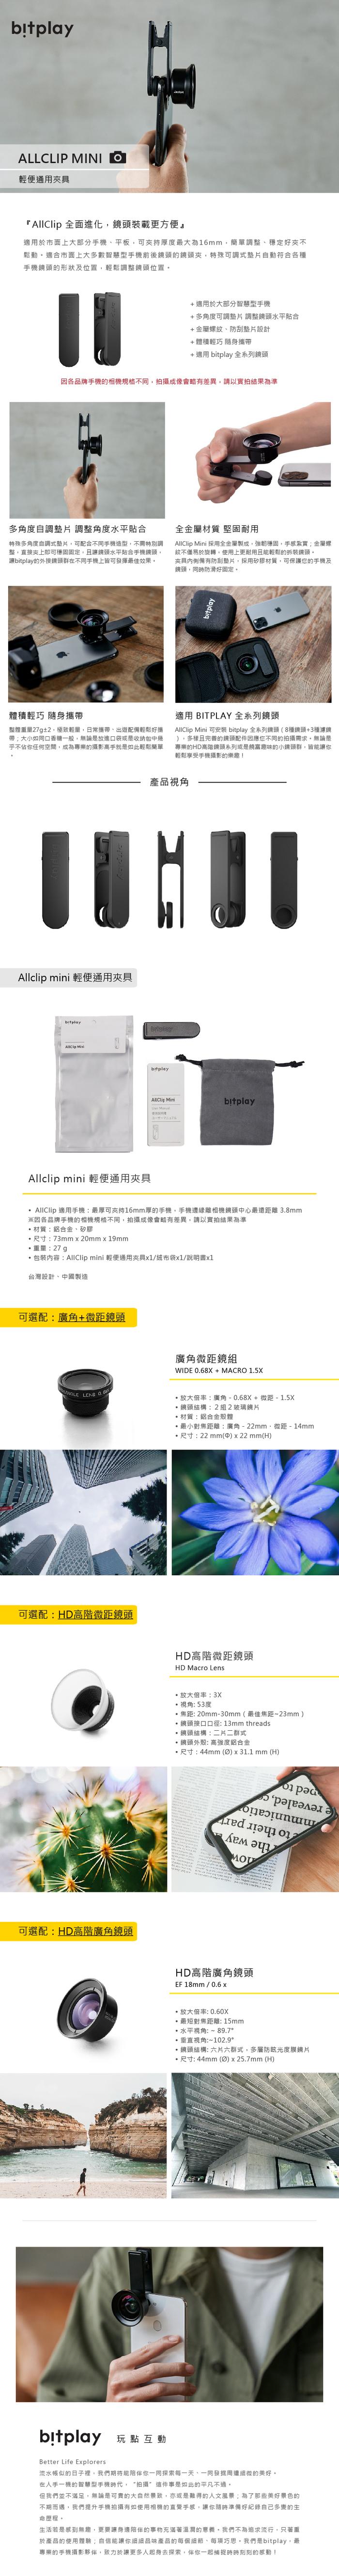 (複製)bitplay|AllClip Mini組合(+HD高階廣角+攜帶盒)